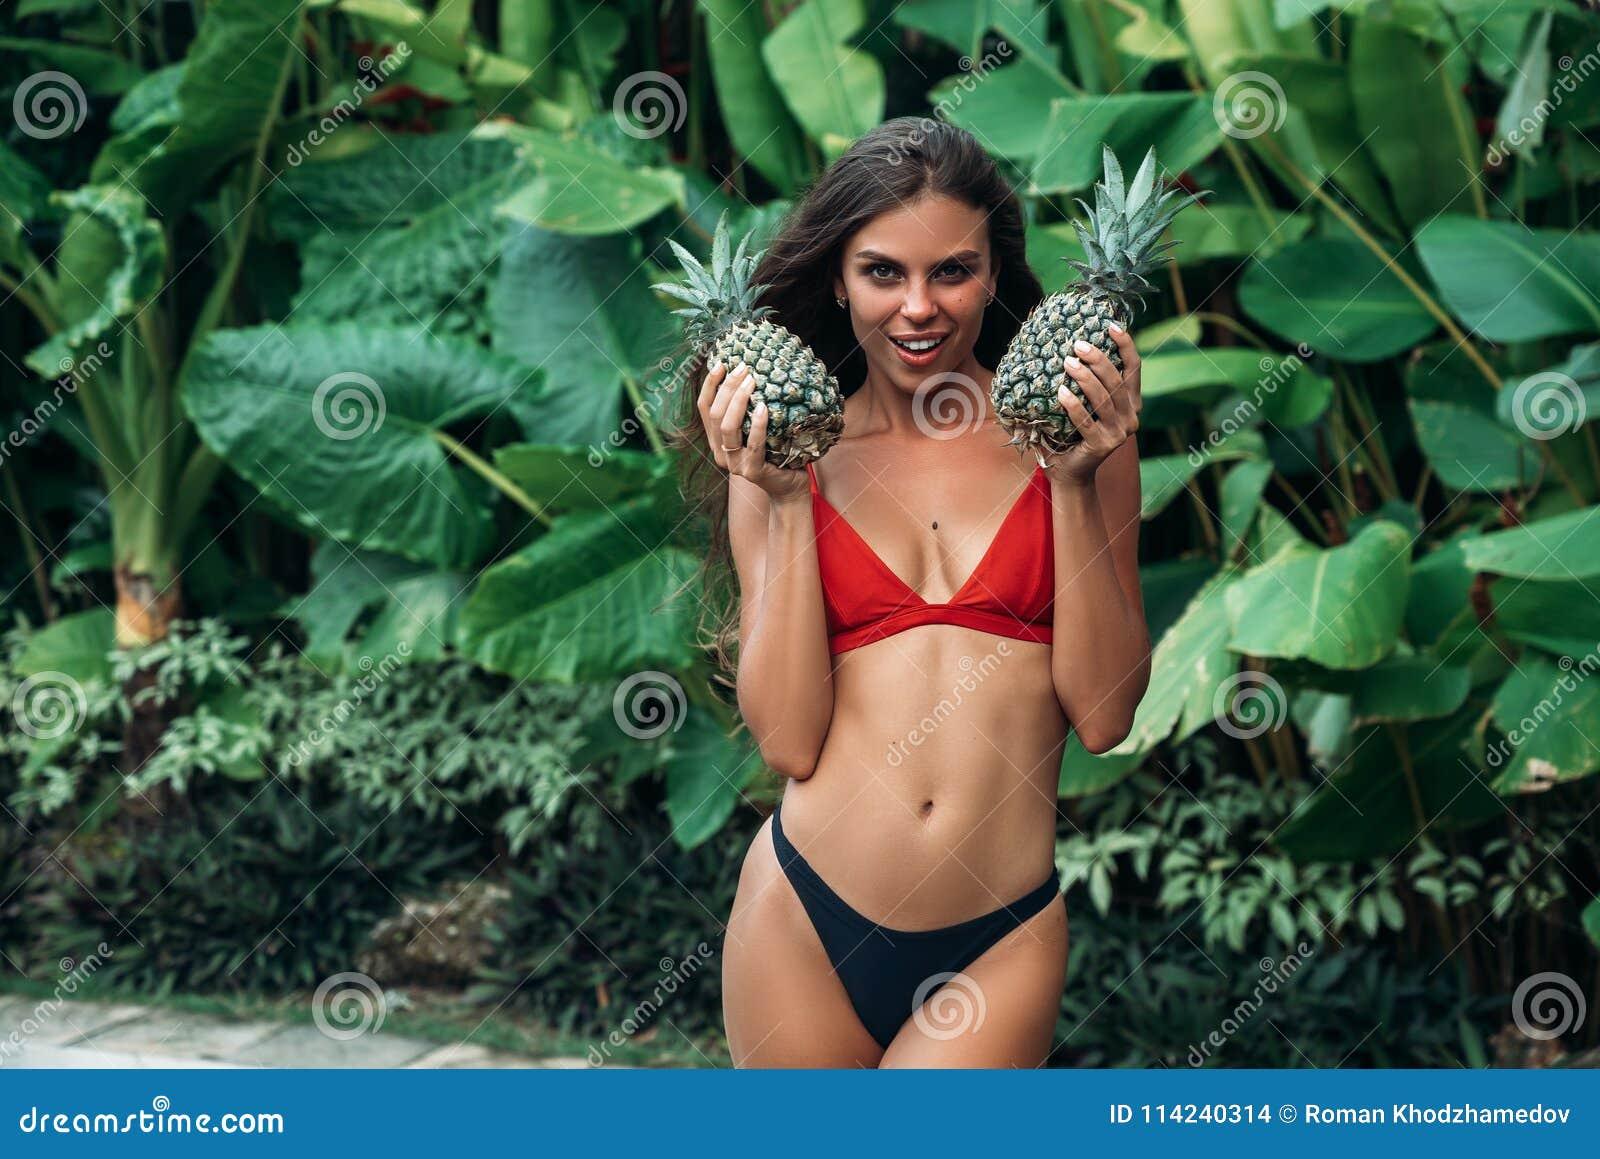 La fille de brune rit Beau modèle dans un maillot de bain avec l ananas dans des mains souriant et posant contre a